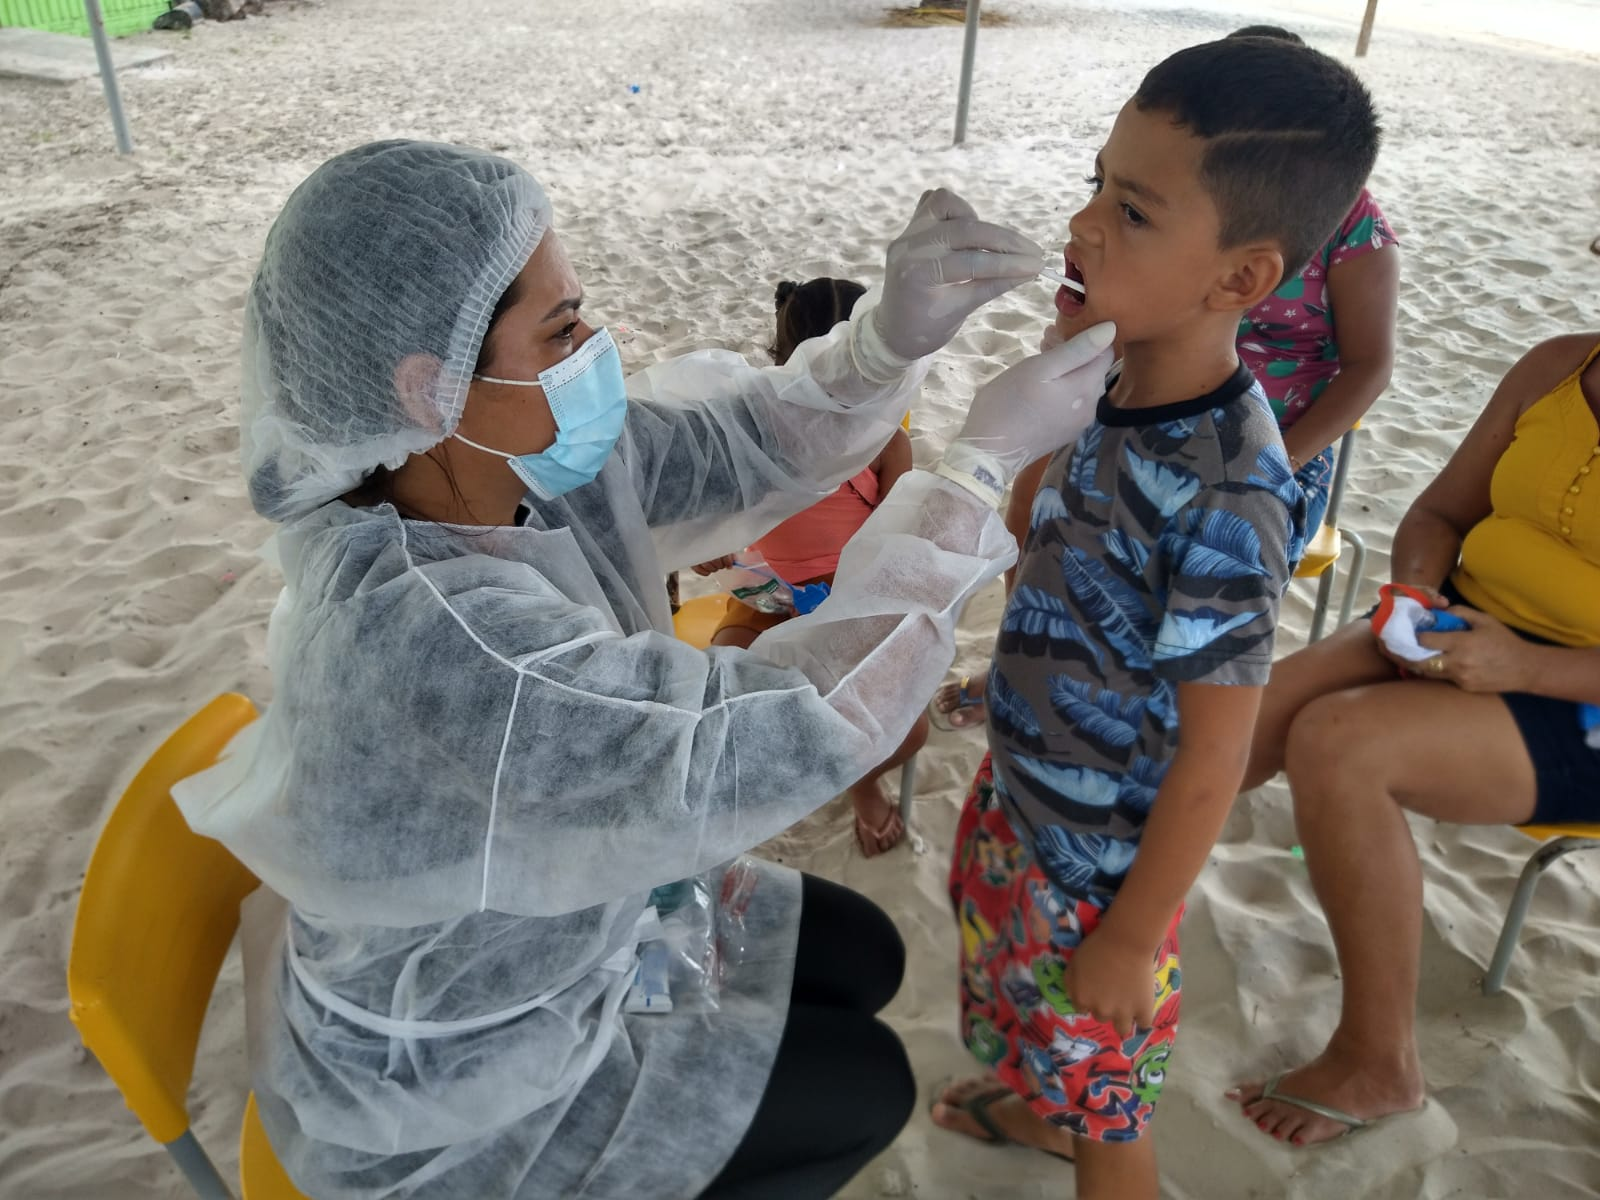 Prefeitura de Cururupu realiza diversos serviços de saúde nas Ilhas e distribui Cestas Básicas